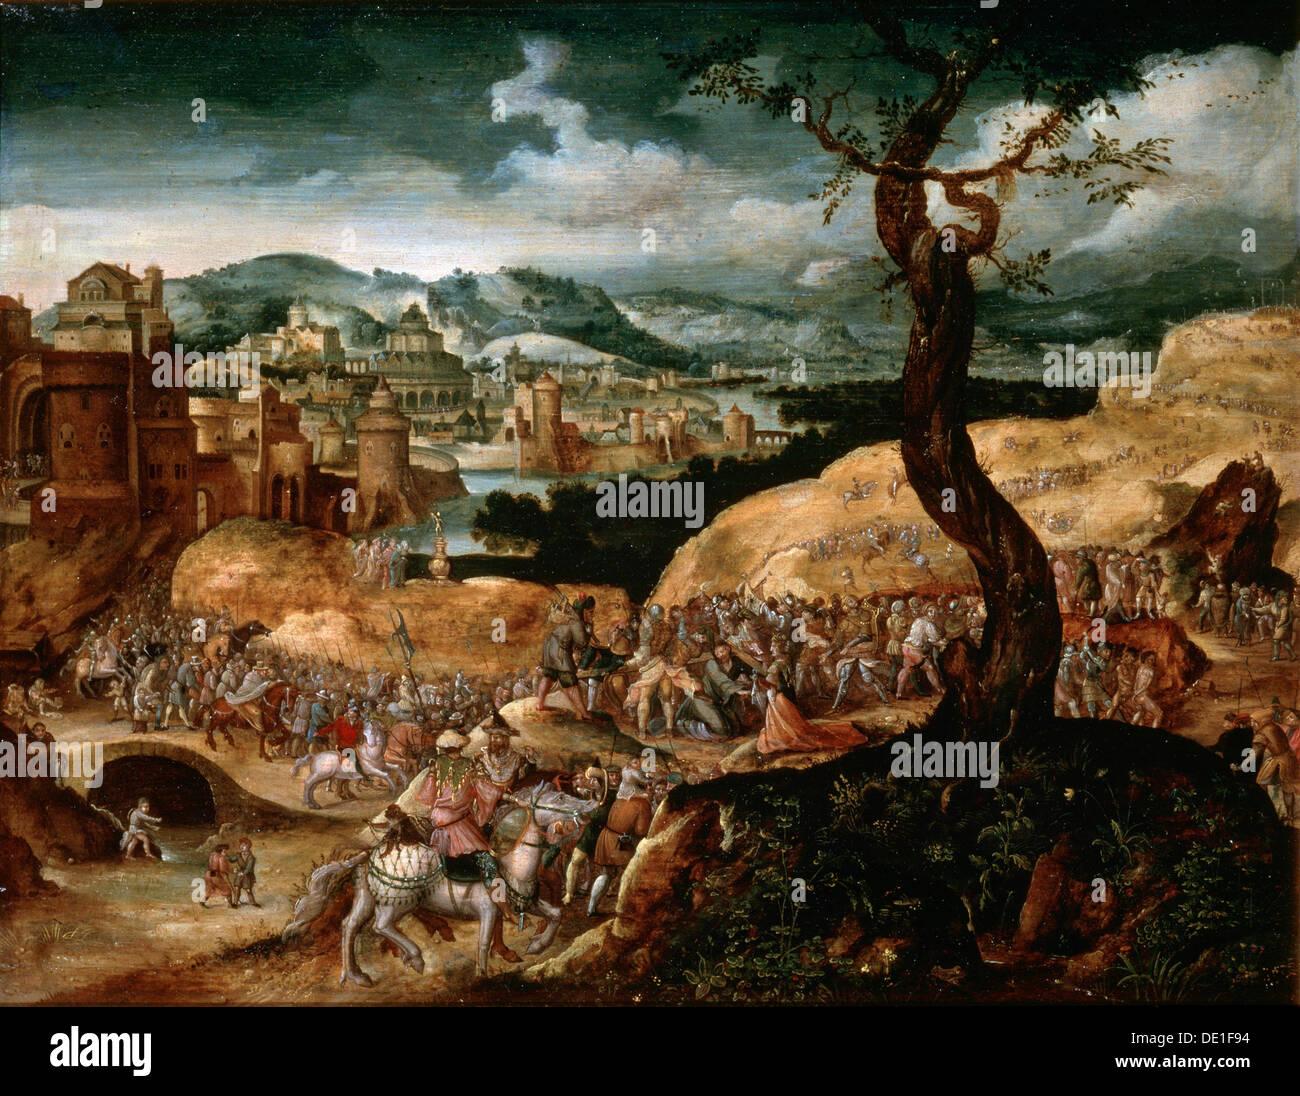 """""""La Passion du Christ', au début du 16e siècle. Artiste: Joachim Patinir Photo Stock"""